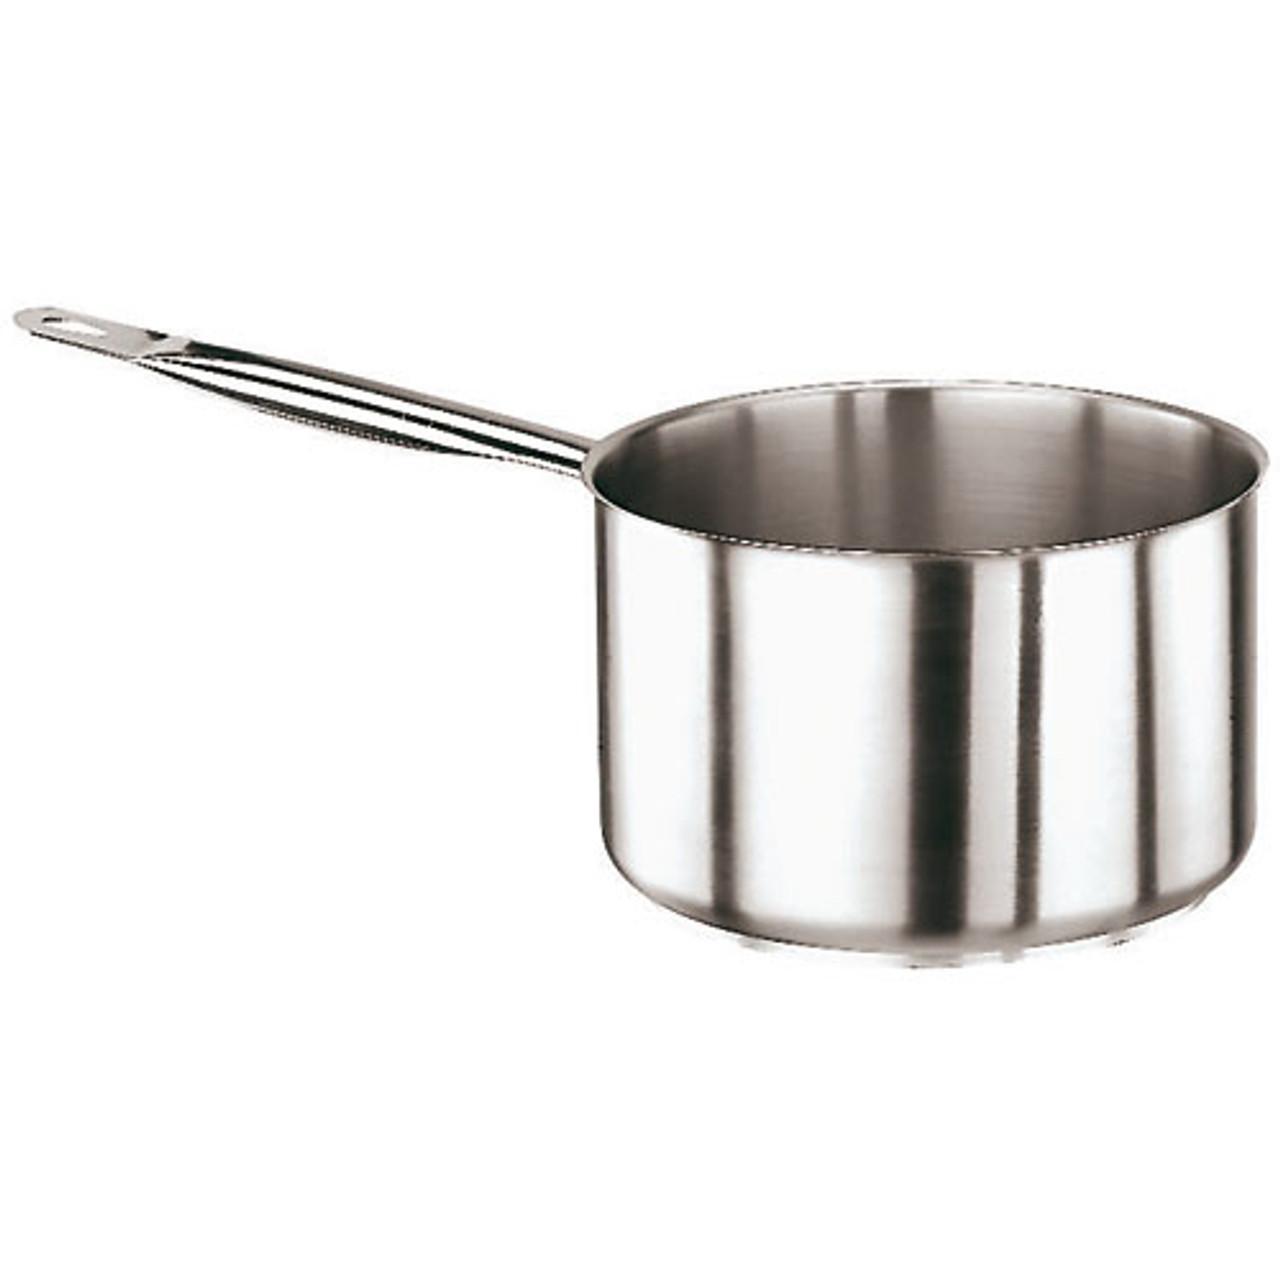 """Low Sauce Pan, S/S, 3 1/4 Qts, Dia 7 7/8"""" x H 4 1/4"""""""